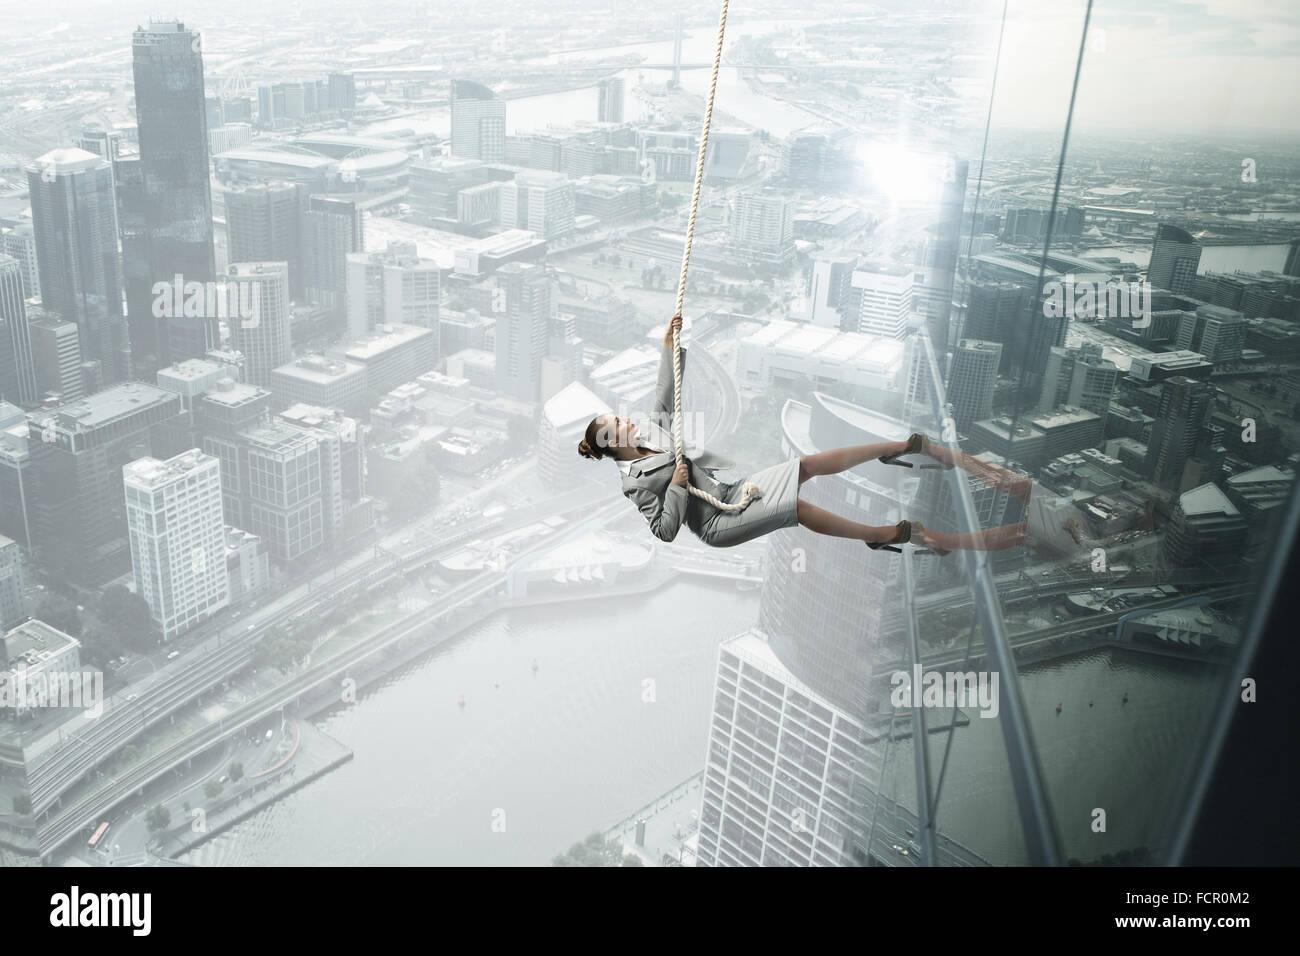 Konzept des Wettbewerbs mit Geschäftsfrau Bürogebäude mit Seil klettern Stockbild